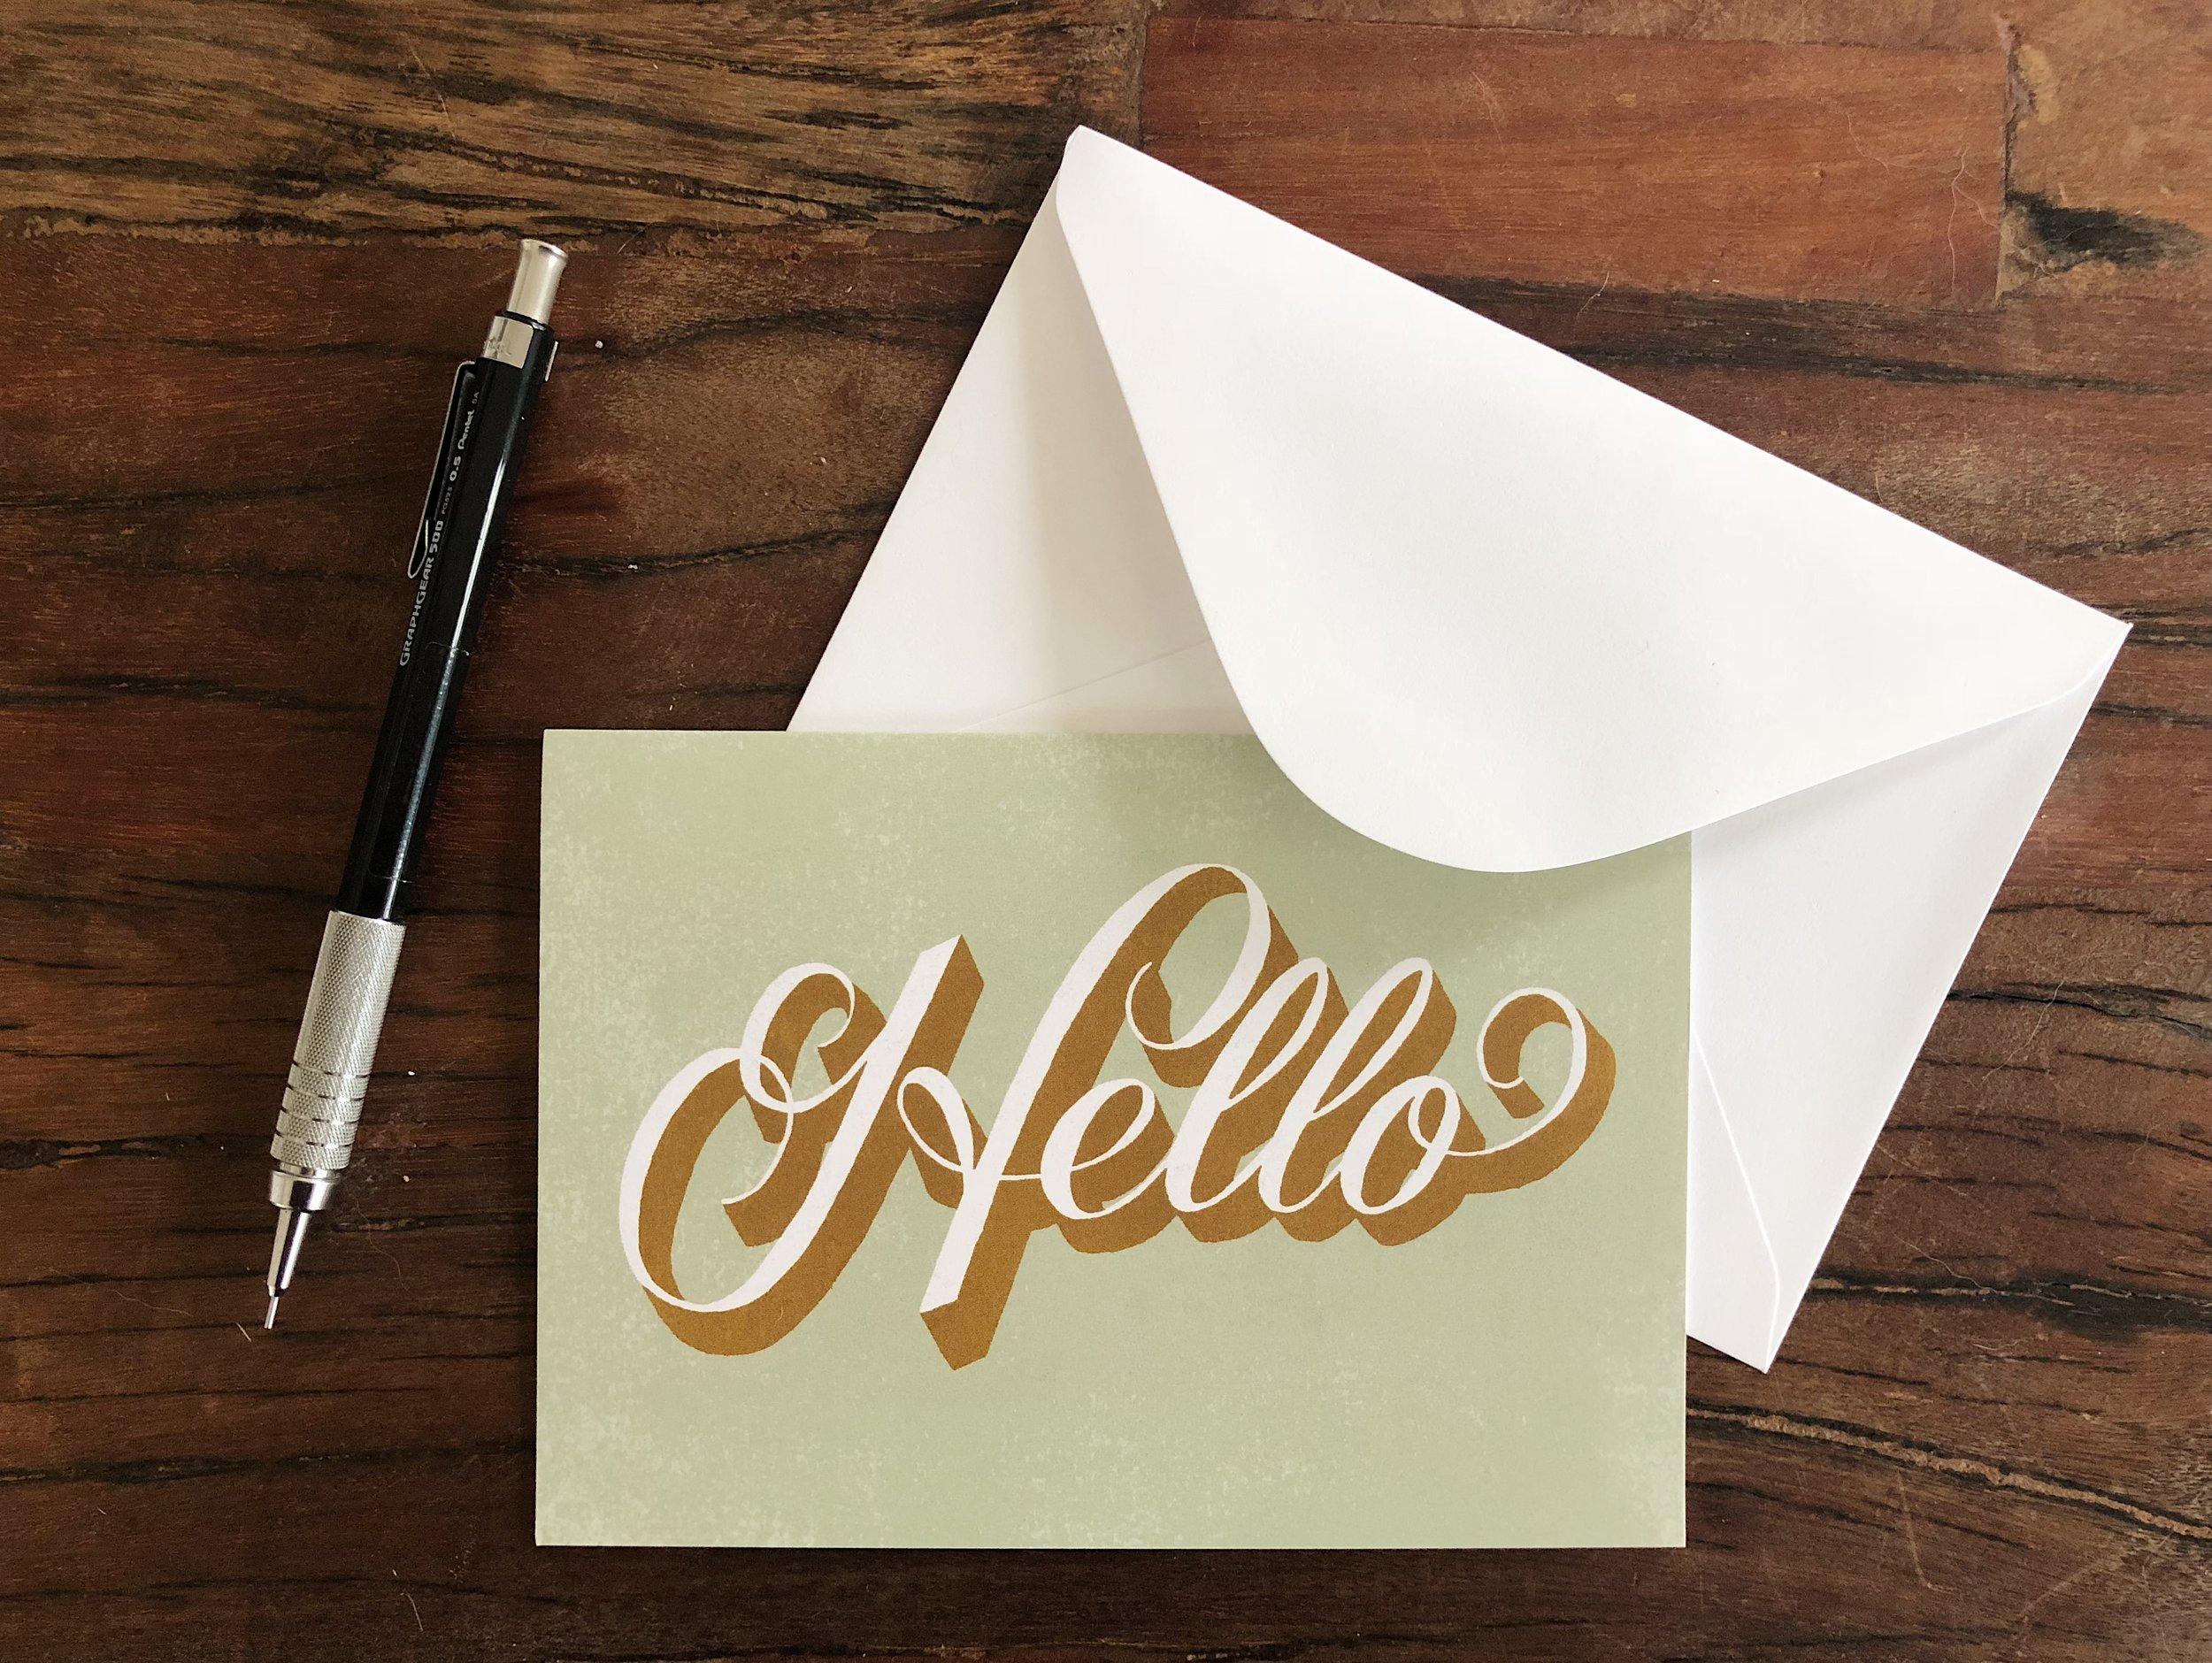 Jenna Carando_Moo Hello Cards_3.JPG